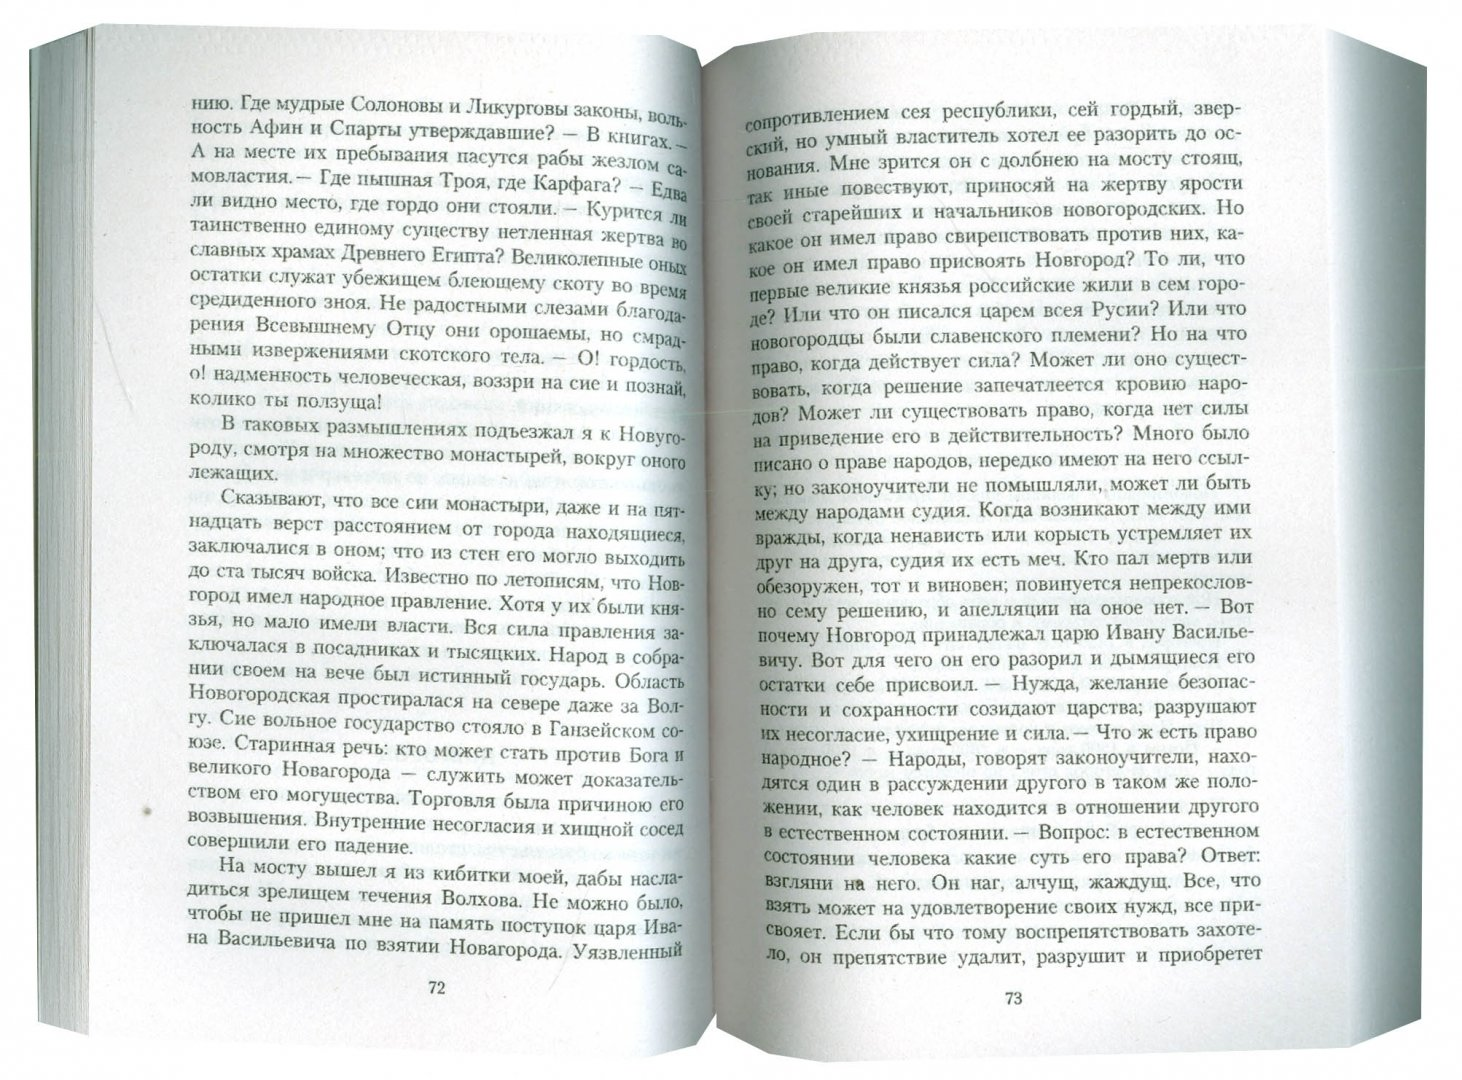 Иллюстрация 1 из 9 для Путешествие из Петербурга в Москву - Александр Радищев   Лабиринт - книги. Источник: Лабиринт